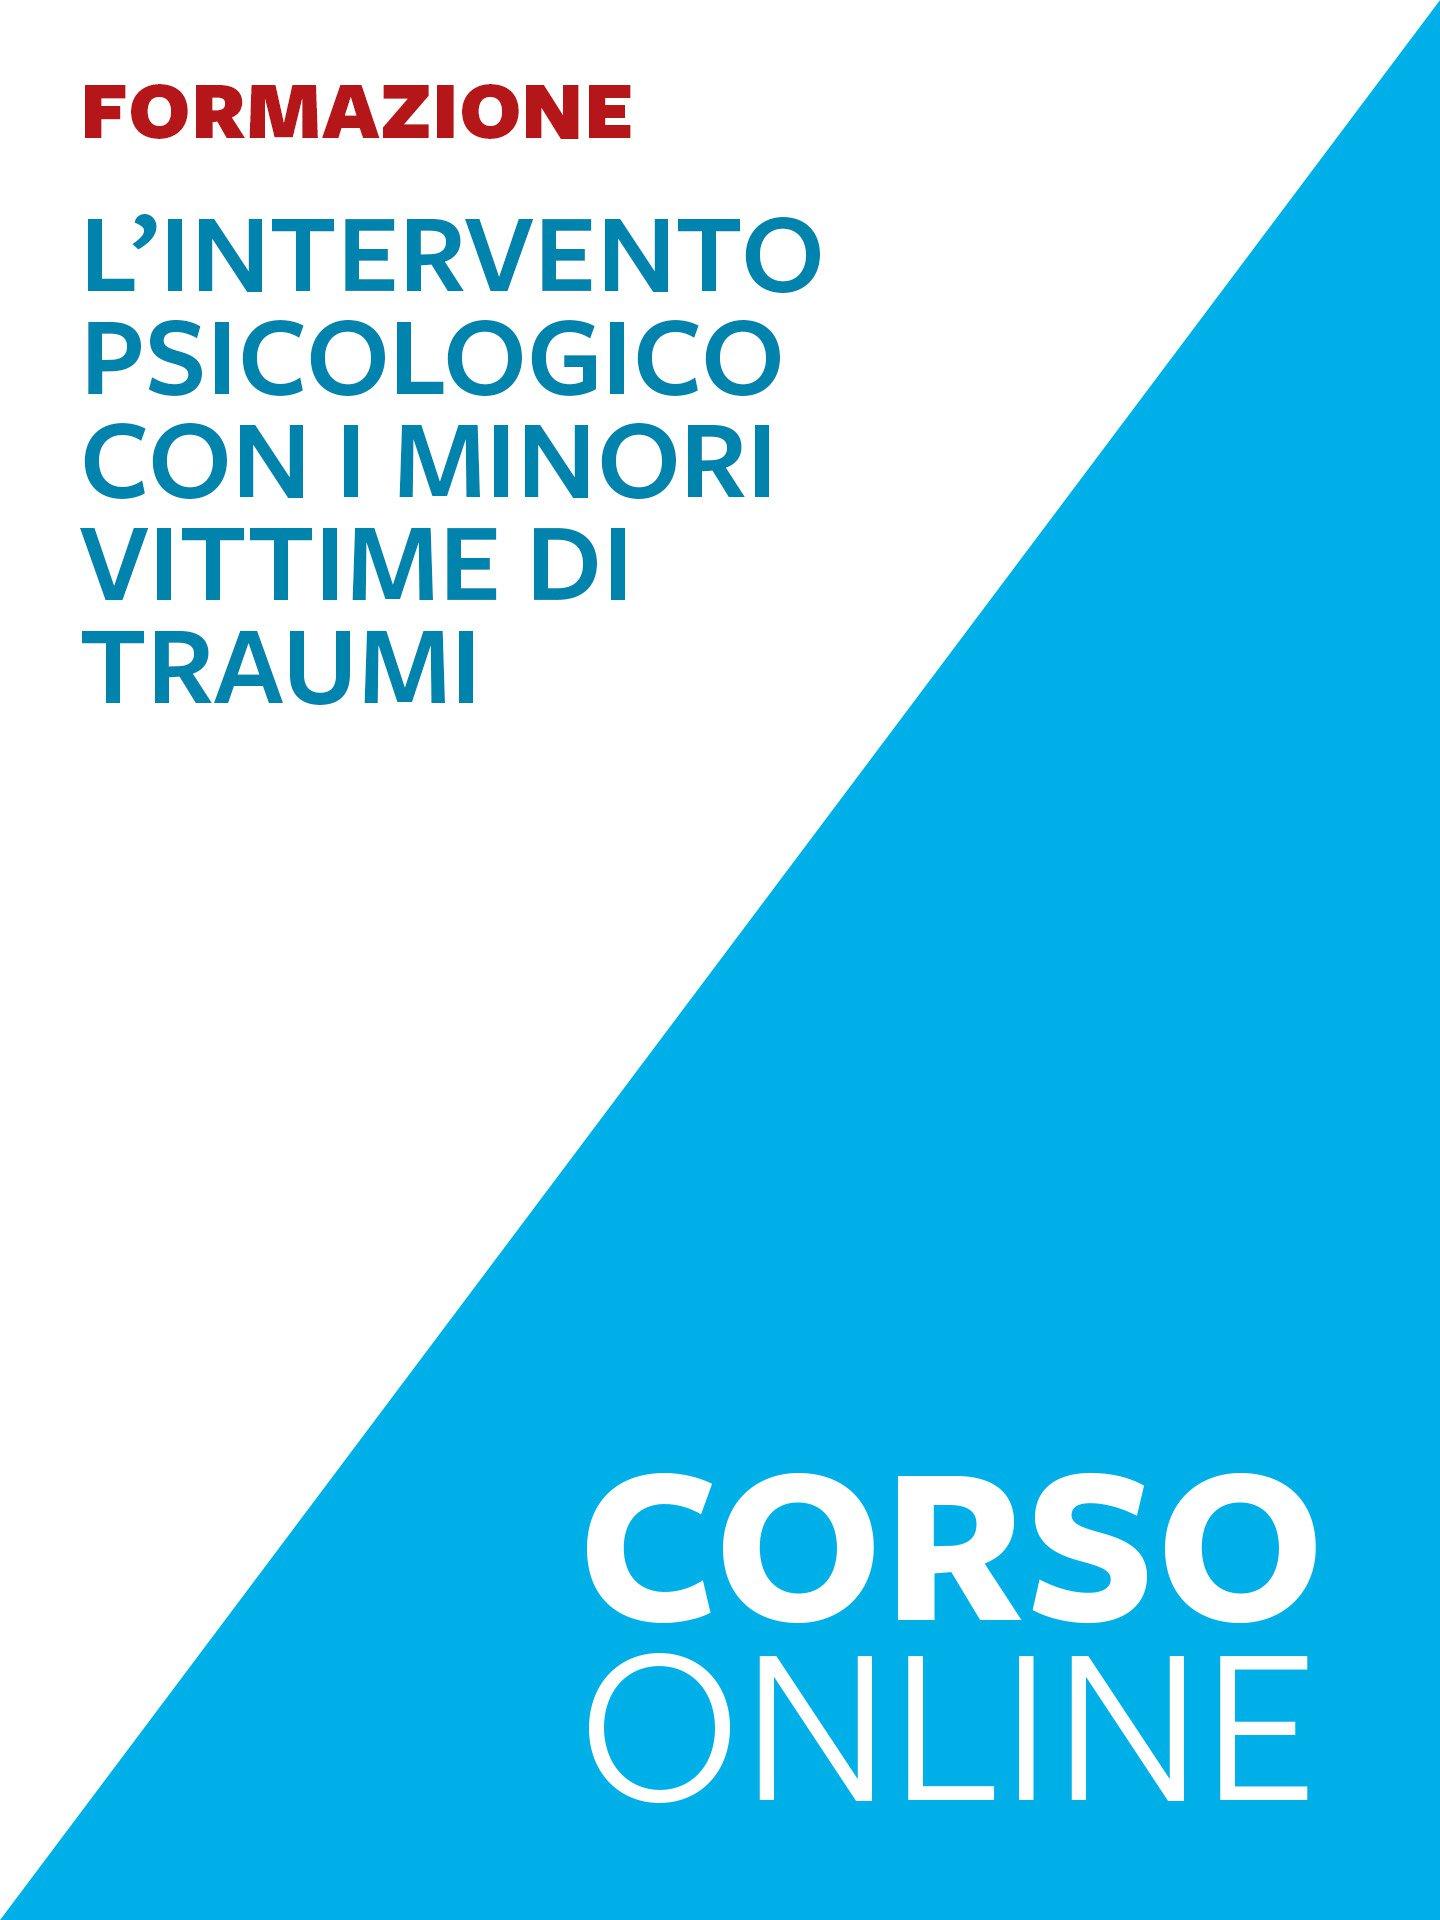 L'intervento psicologico con i minori vittime di traumi - Test SAT-P - Soddisfazione soggettiva e qualità de - Libri - Strumenti - Erickson